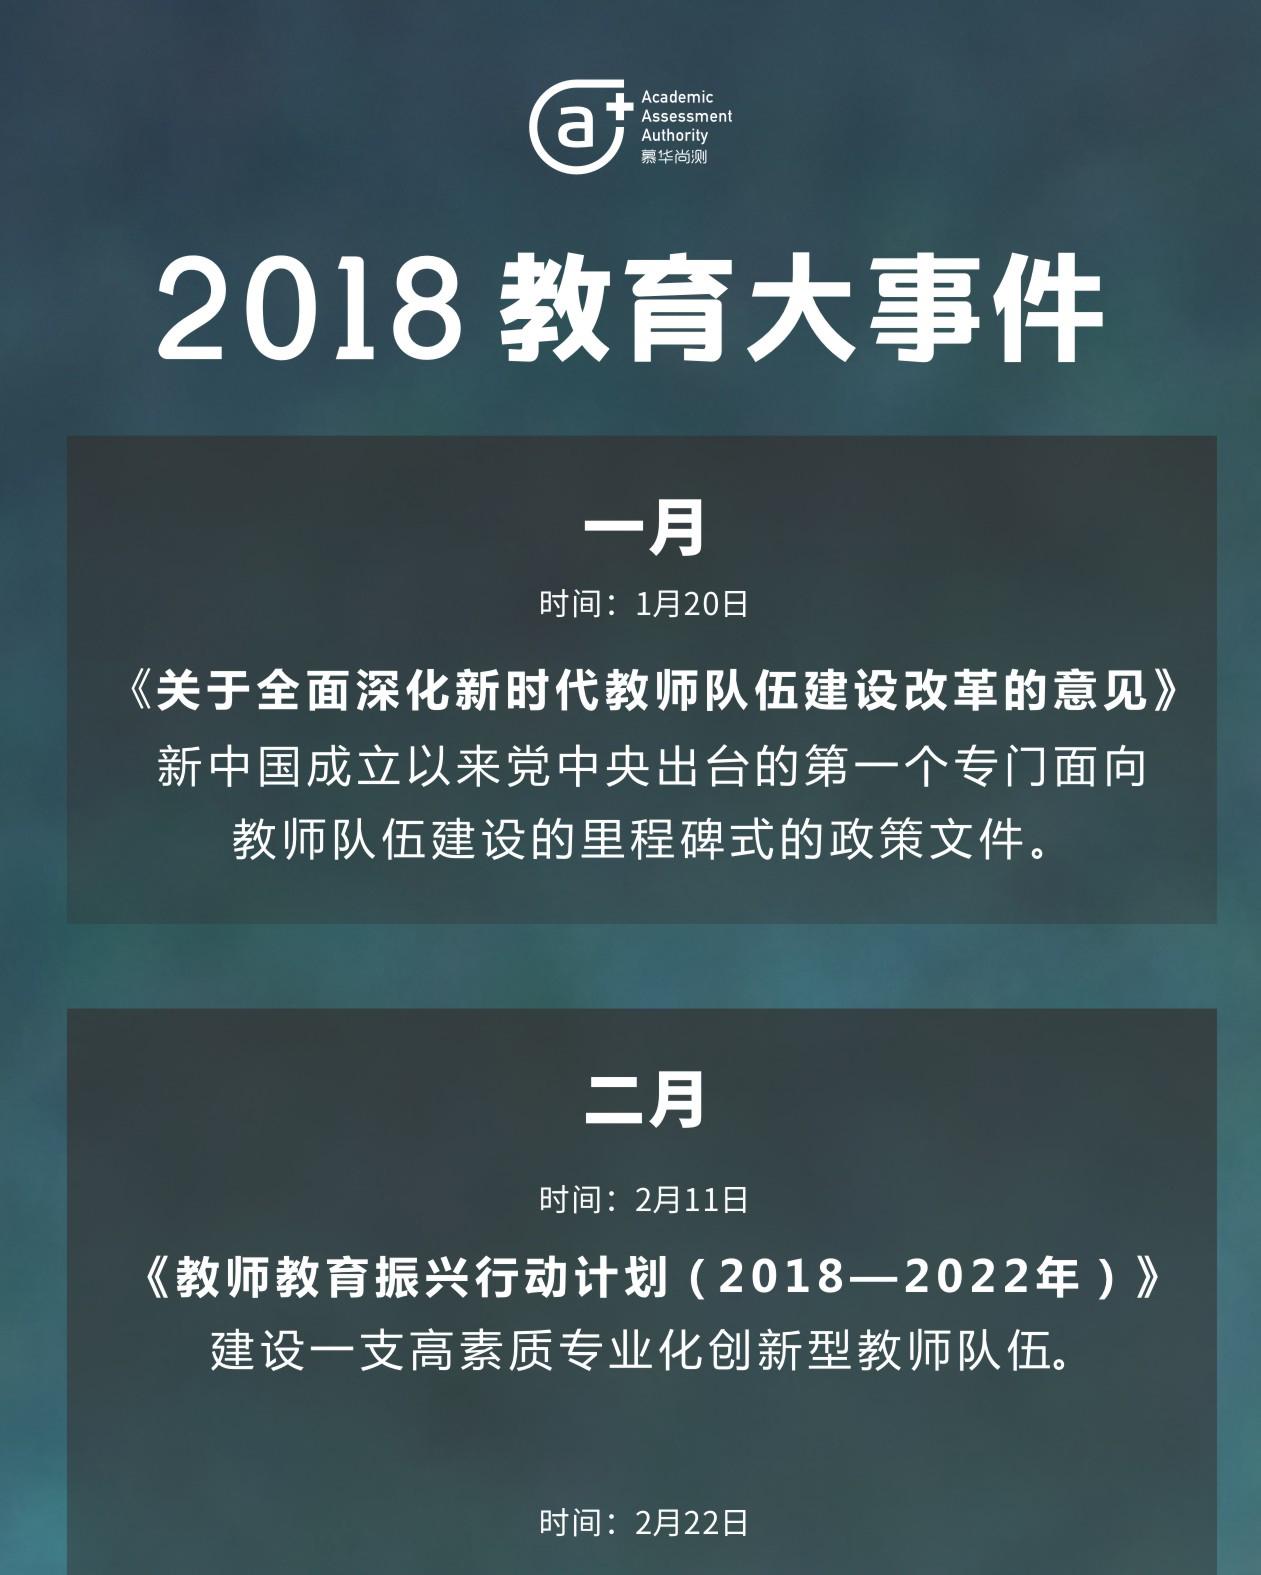 2018教育大事件_01.jpg